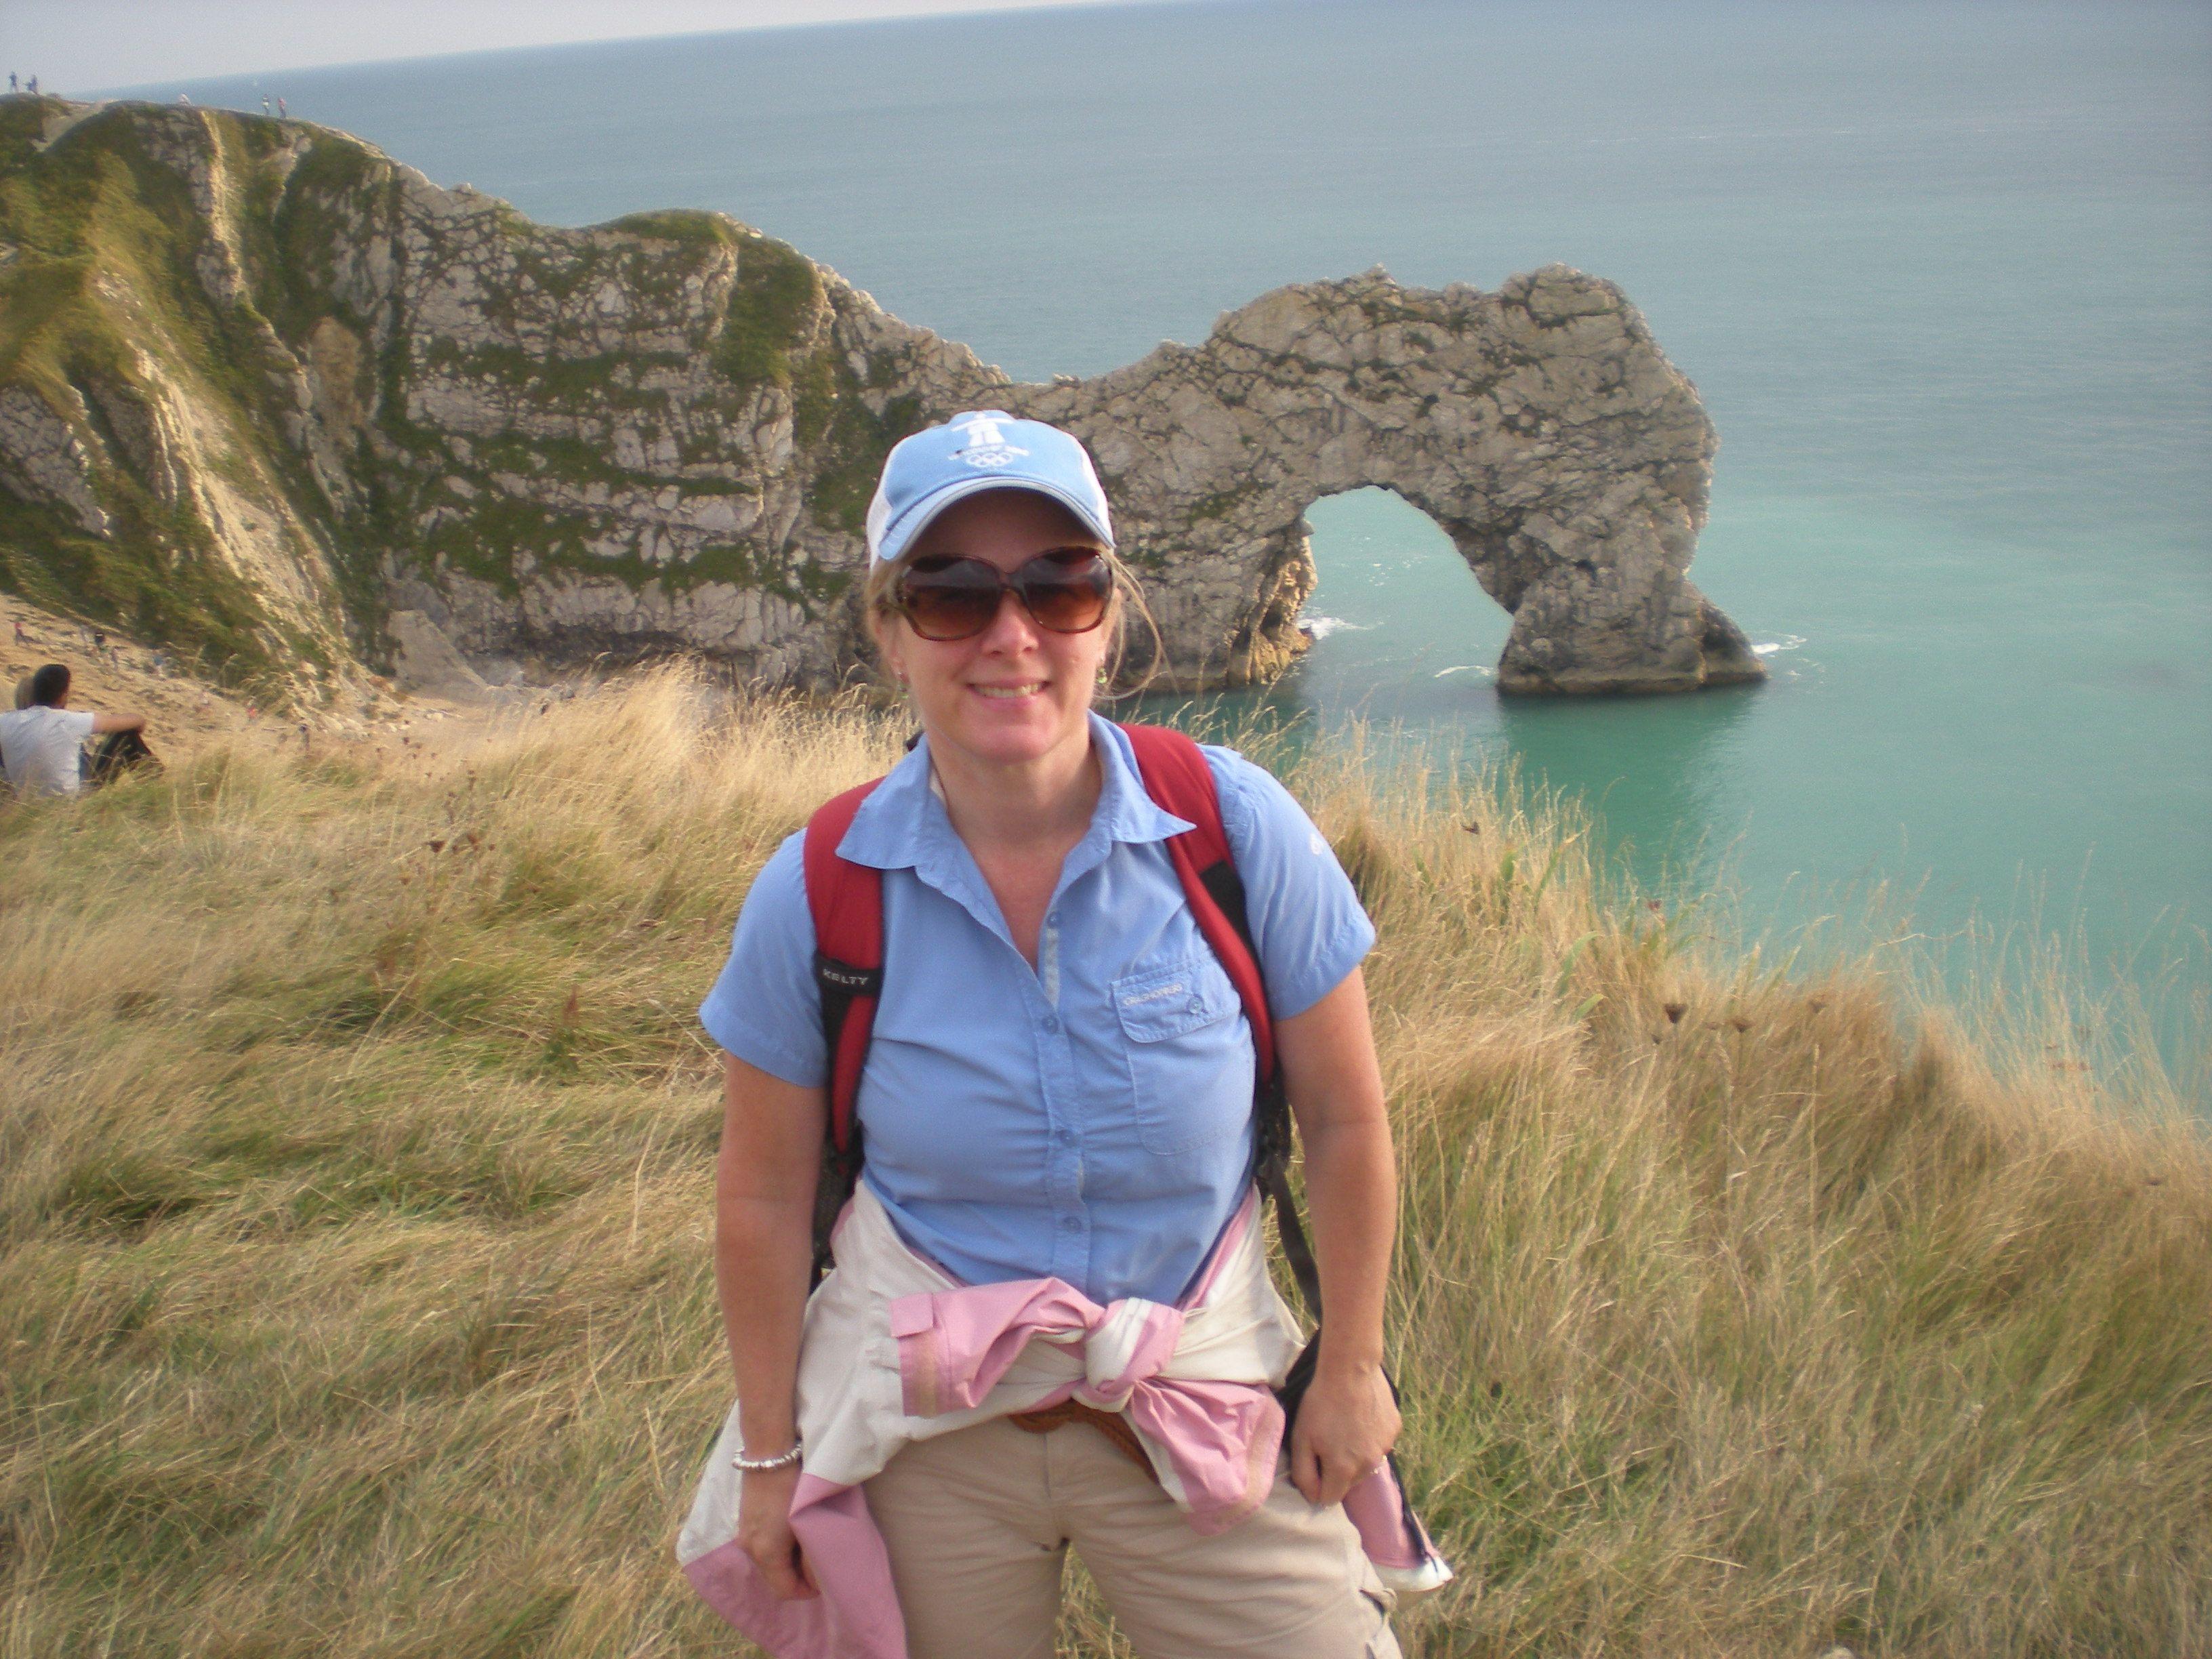 Stephie at Durdle's Door, Dorset Coast